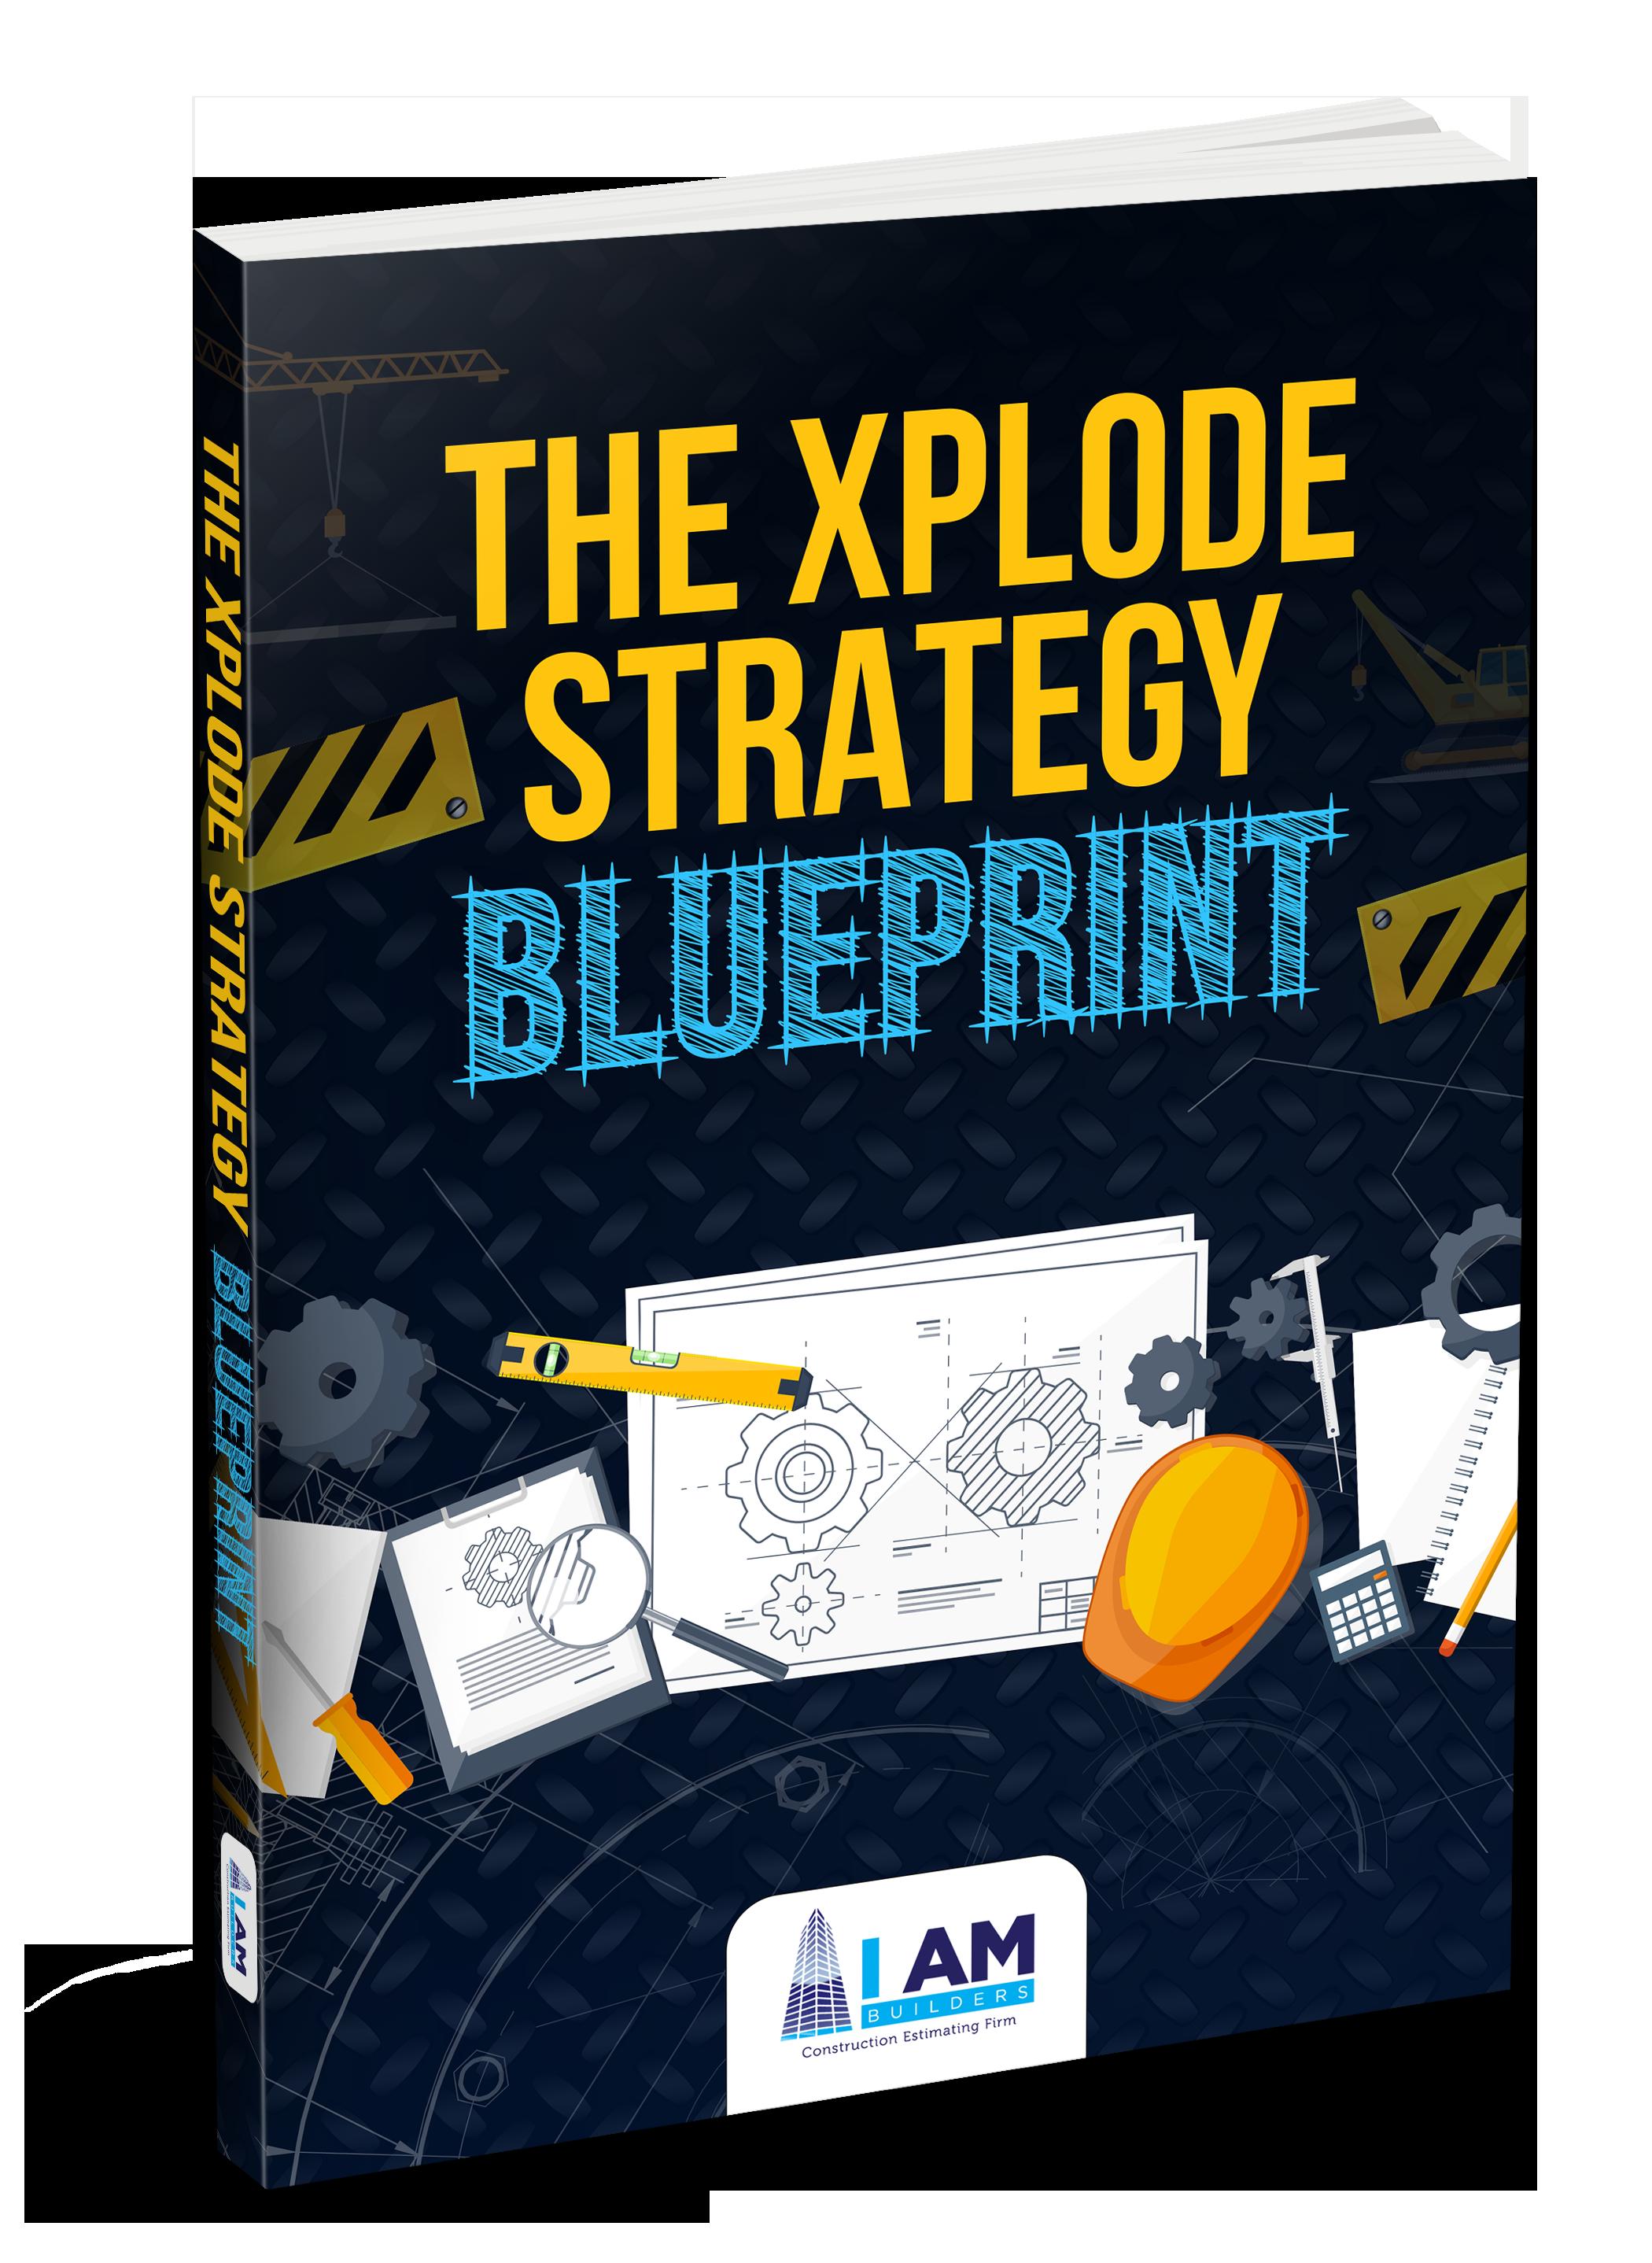 xplode strategy blueprint